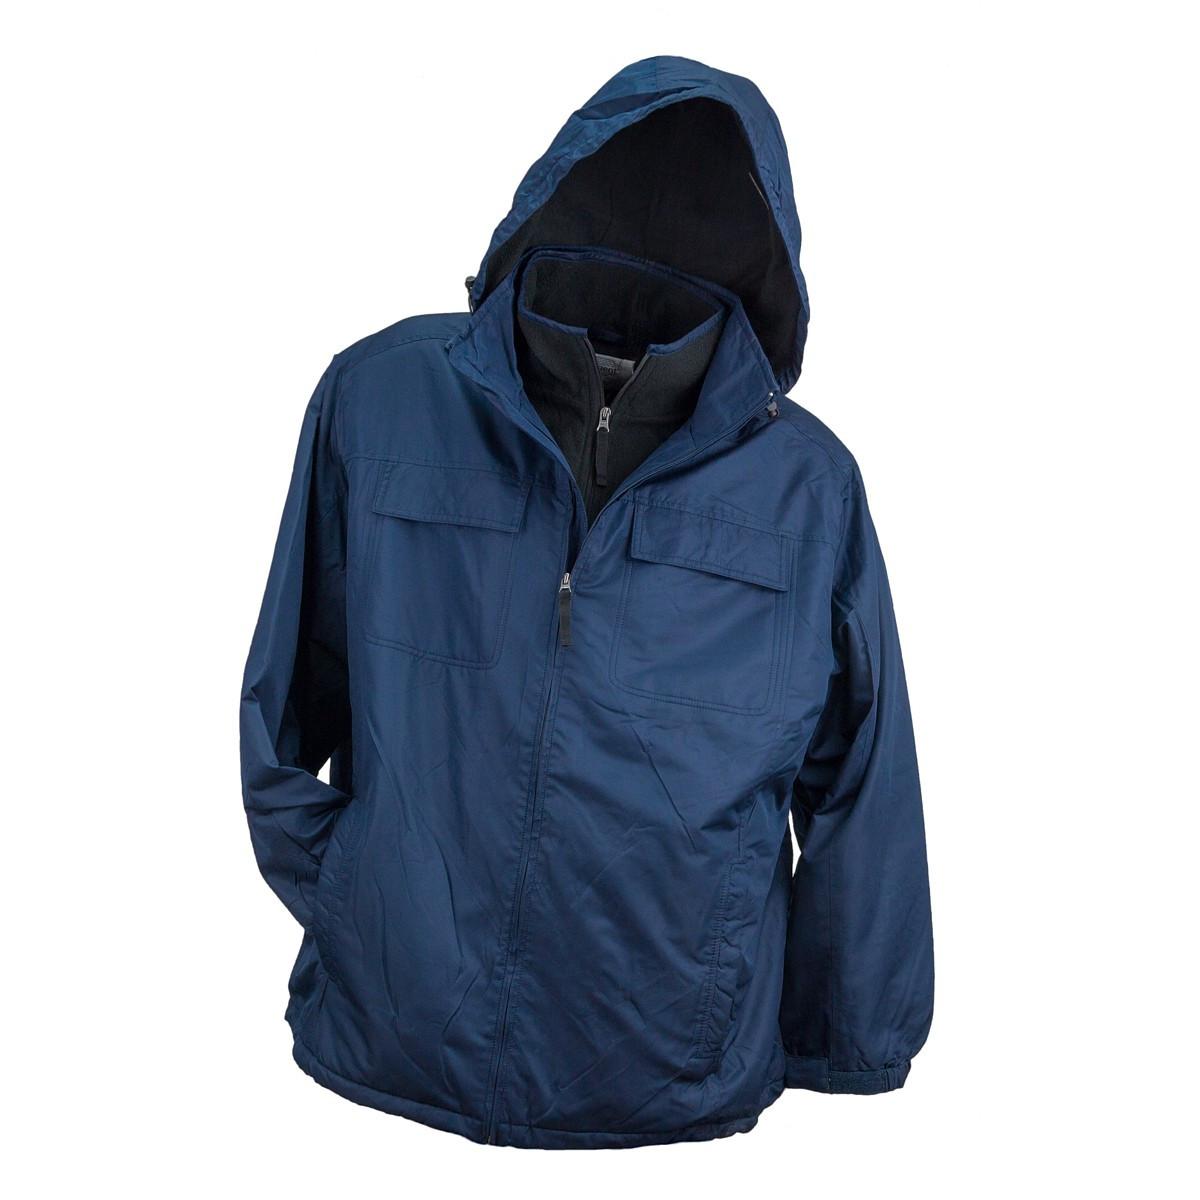 Куртка 0605 из полиэстера утепленная флисом.Urgent